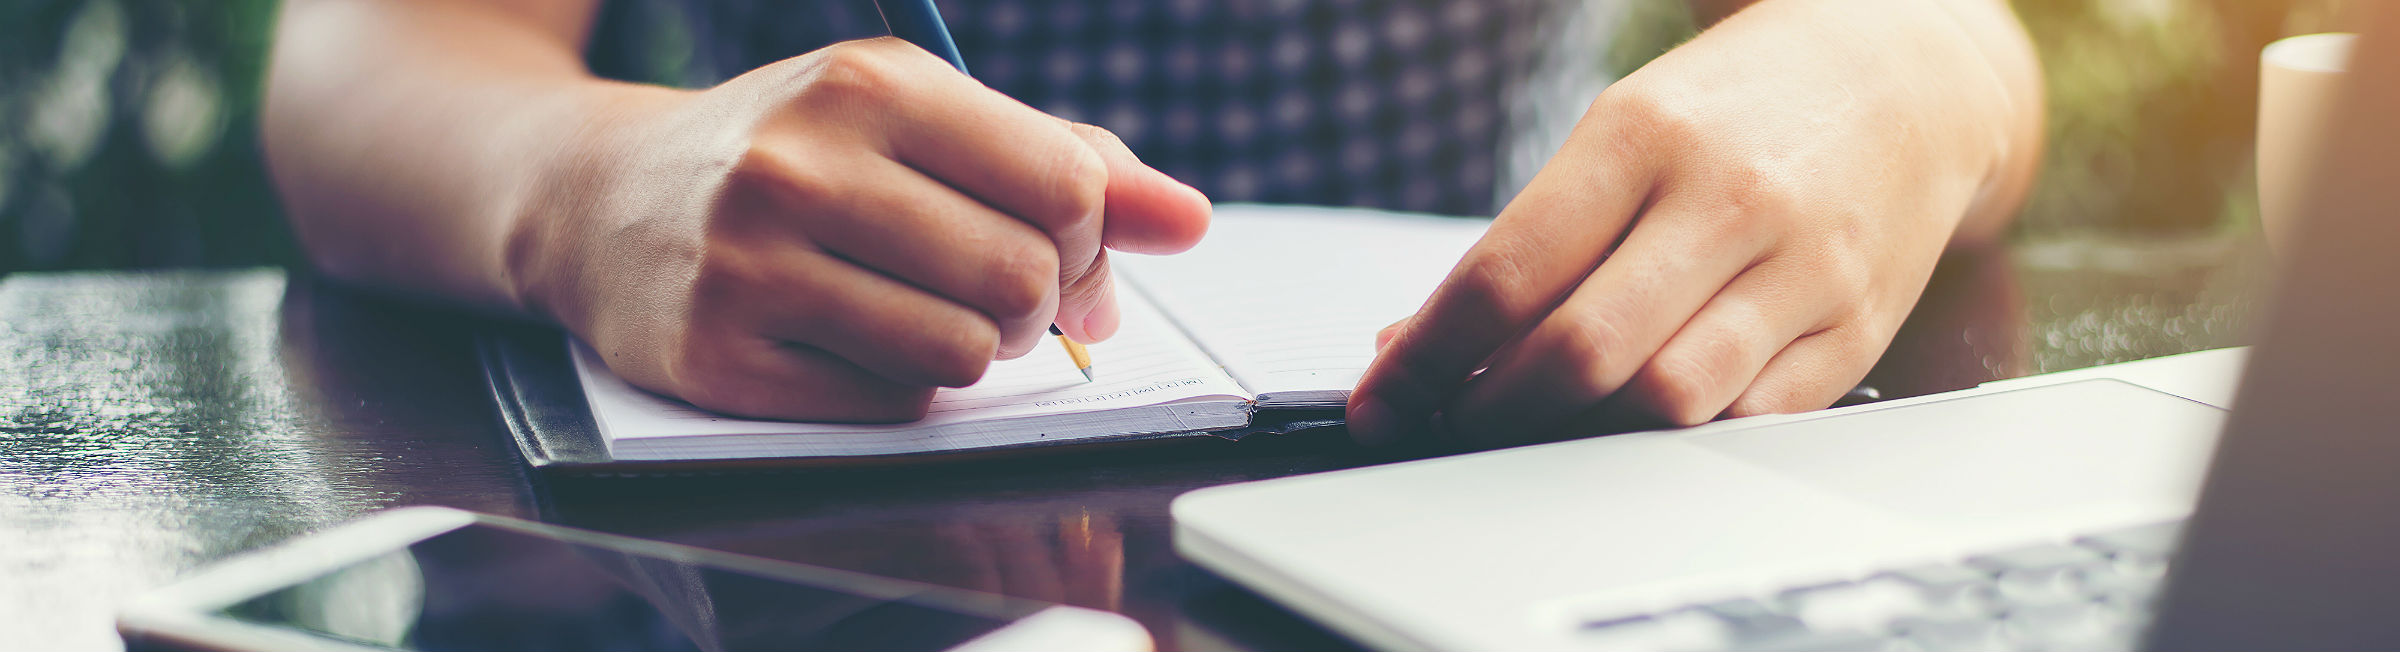 Un femme écrit sur son carnet